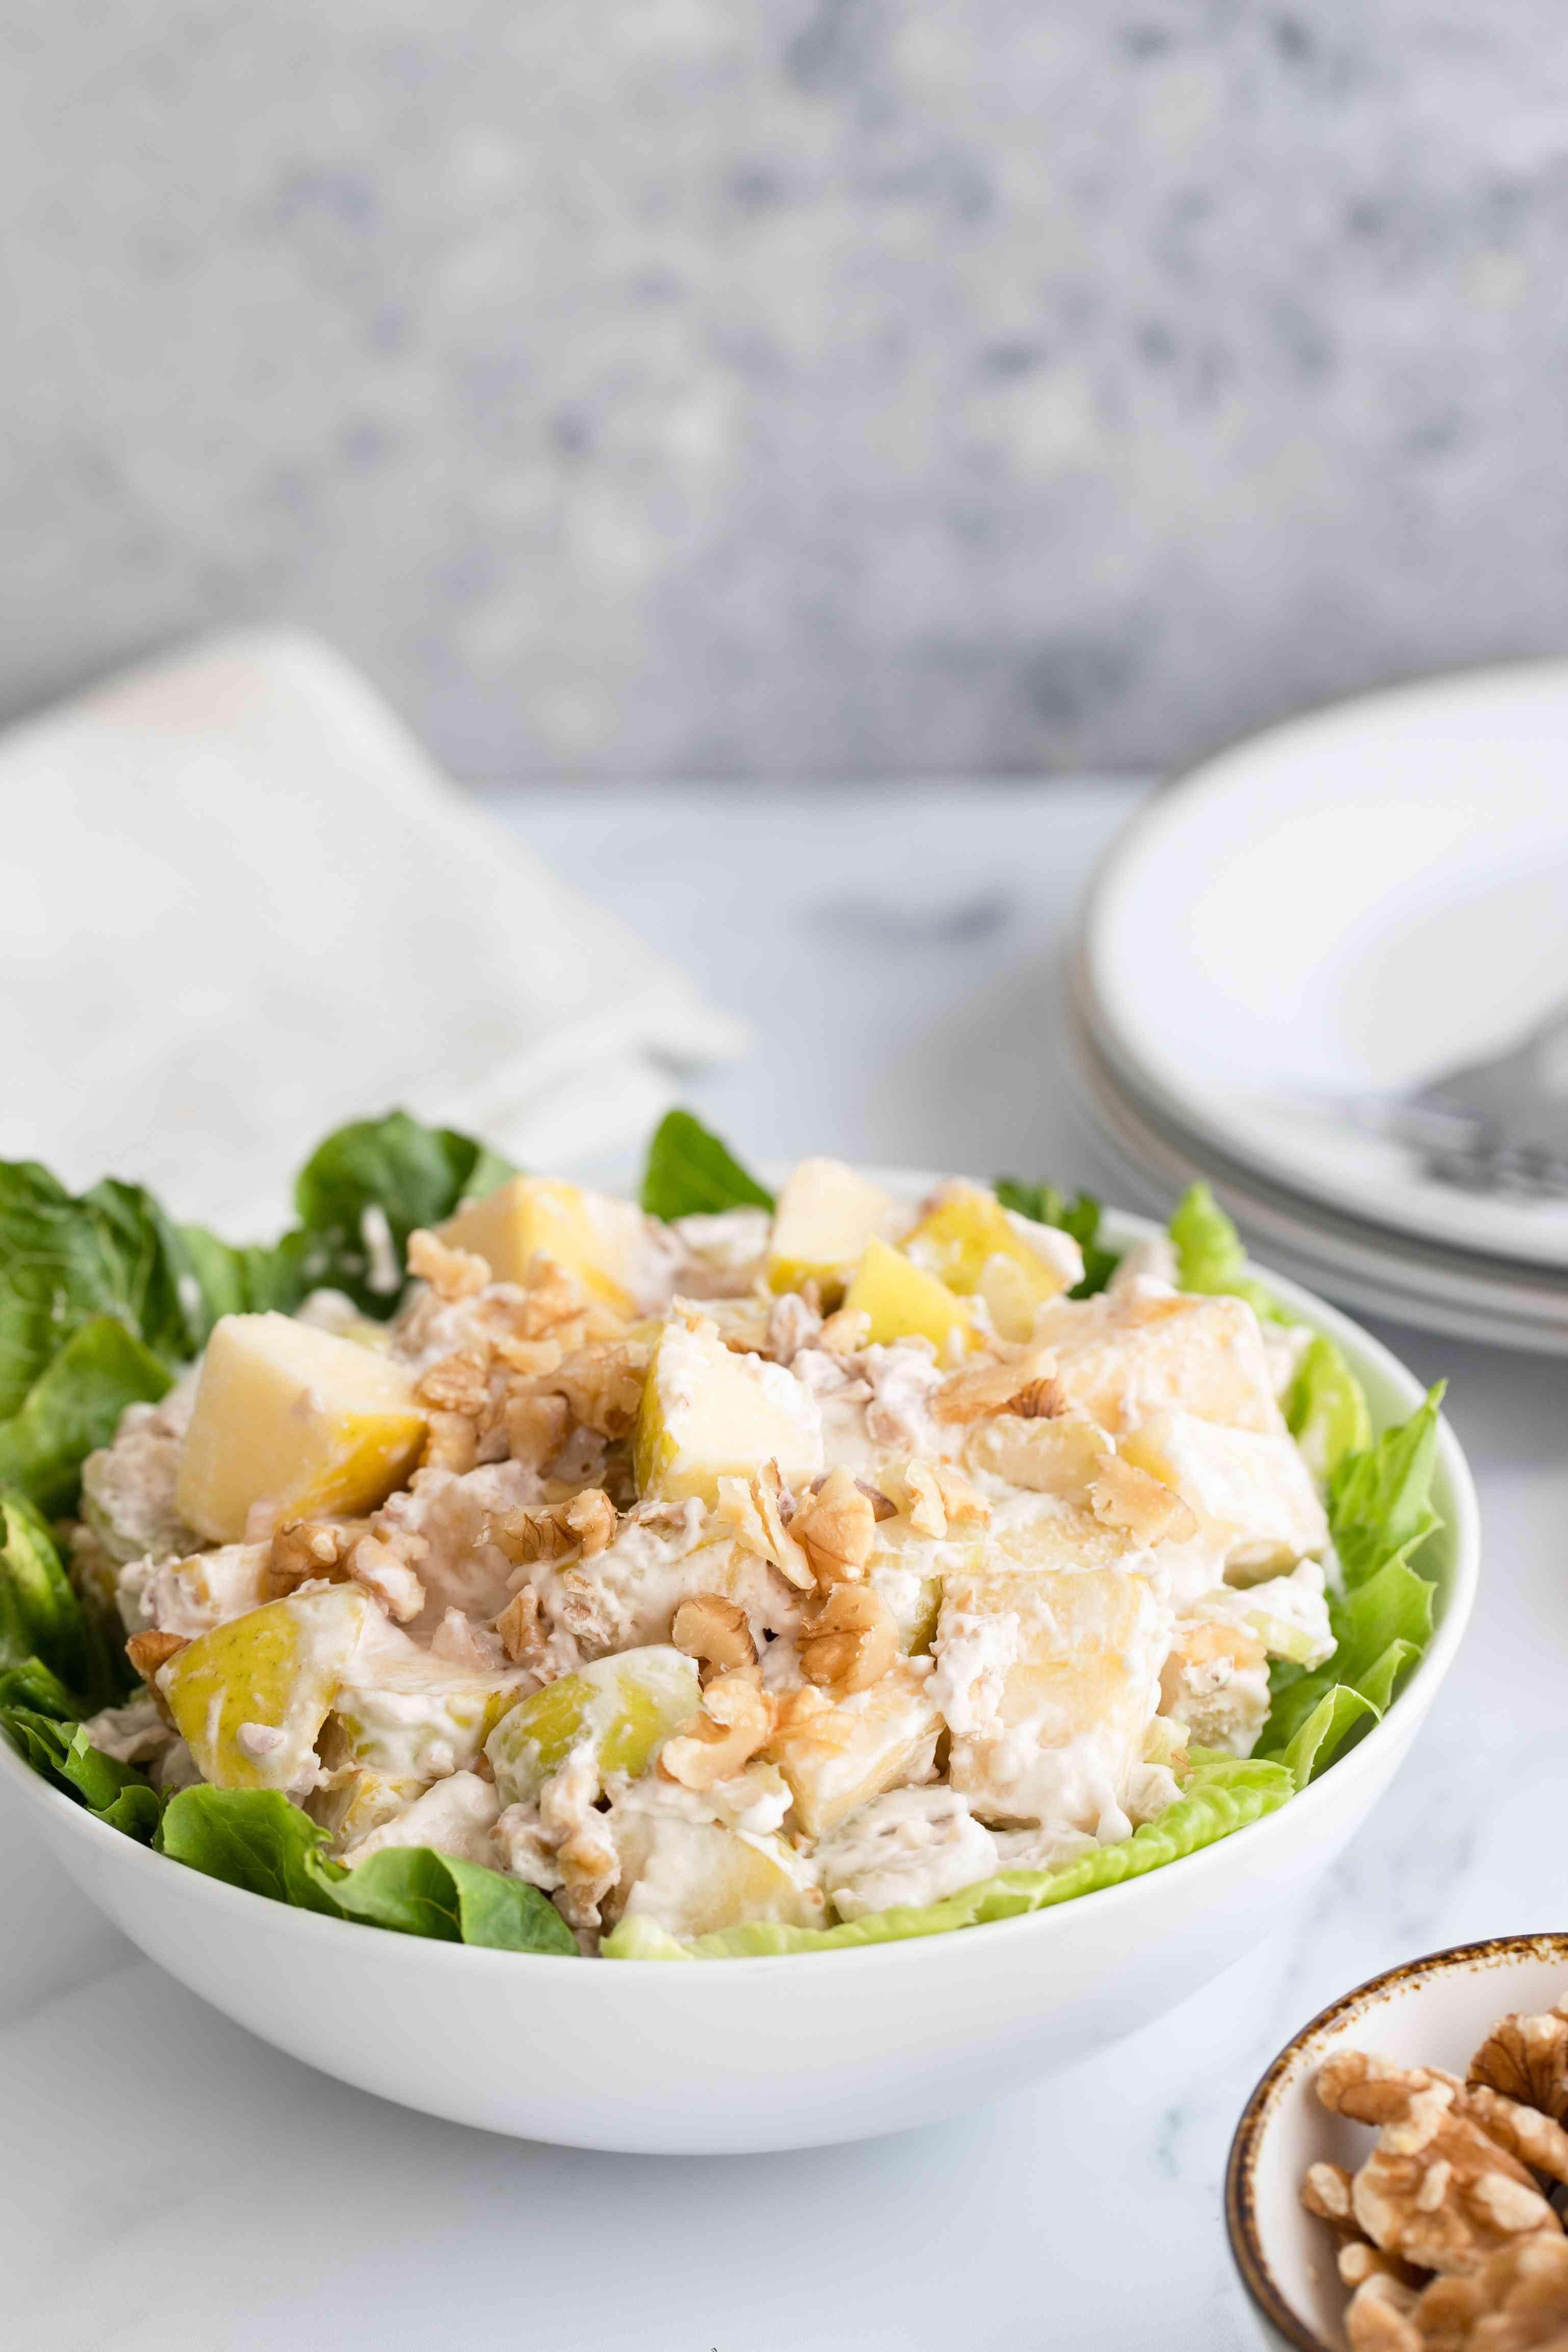 Serve salad